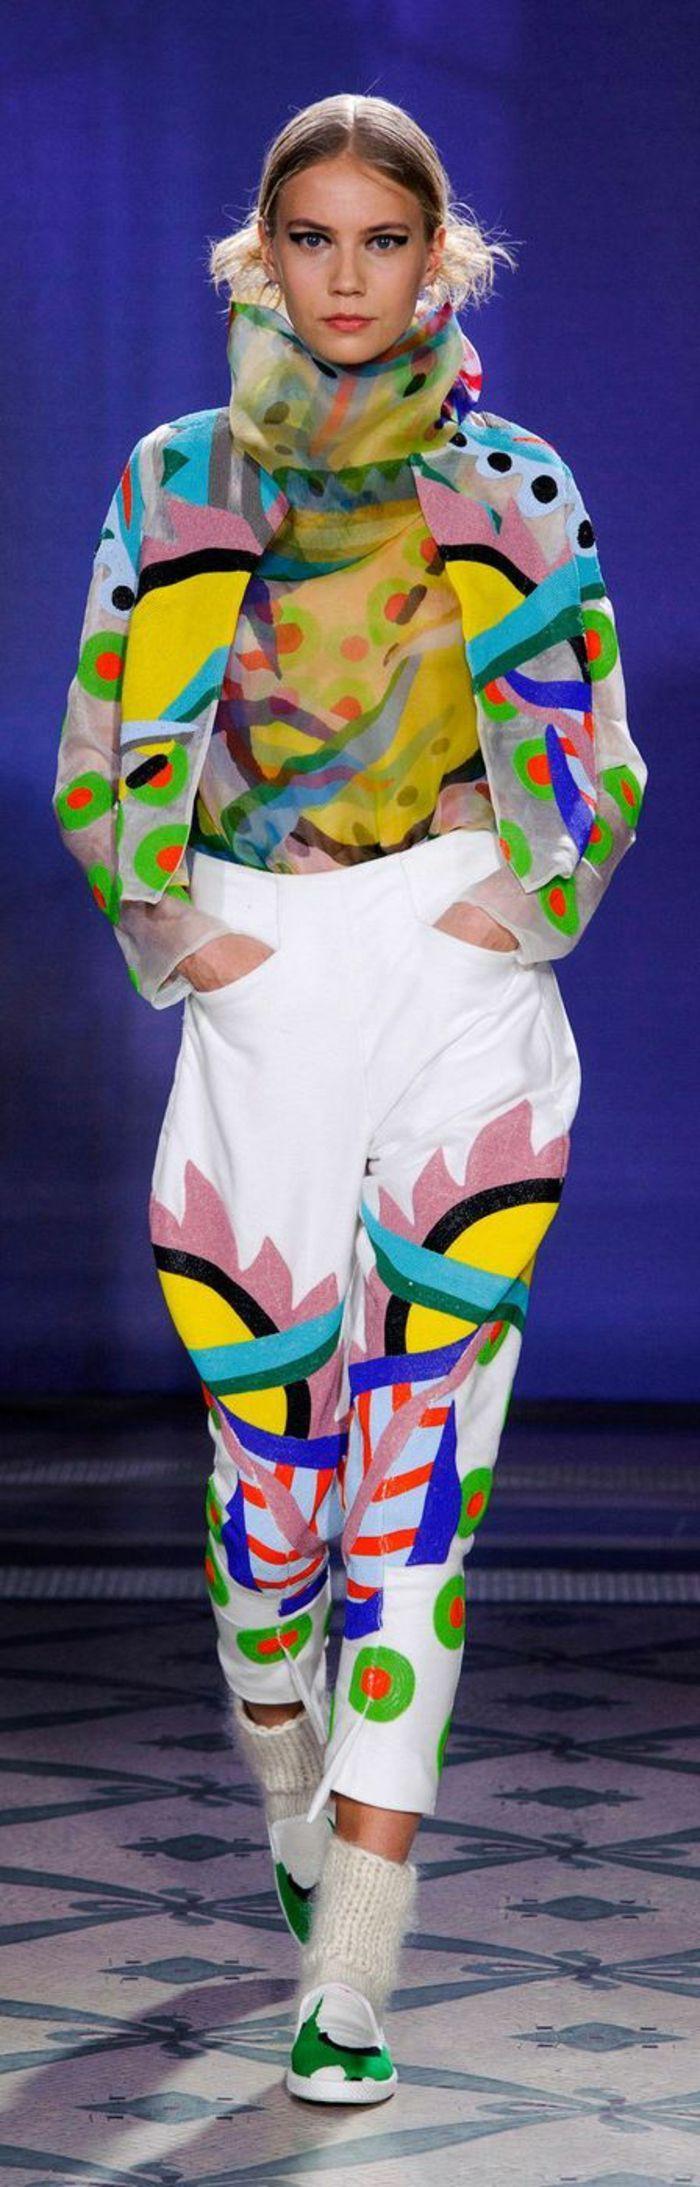 mode année 80 pantalon blanc avec des motifs géométriques aux couleurs ensoleillées et veste et blouse hautes en couleurs vives